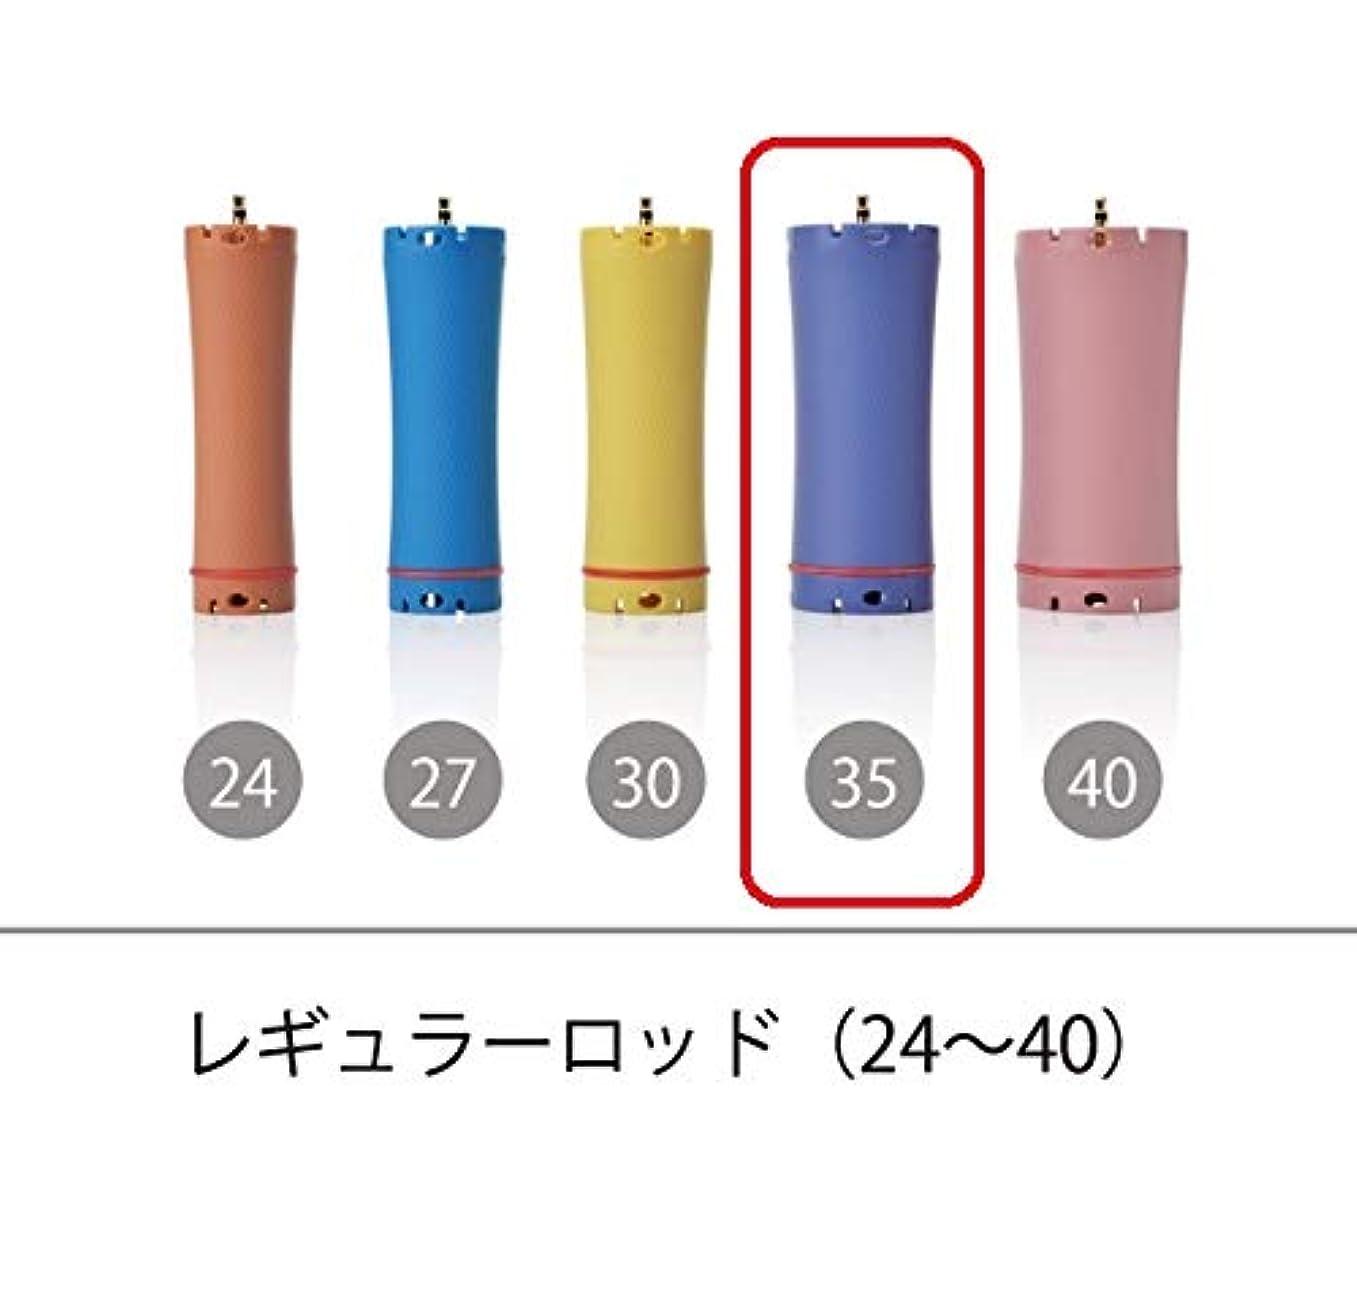 スノーケル書き込みセットアップソキウス 専用ロッド レギュラーロッド 35mm